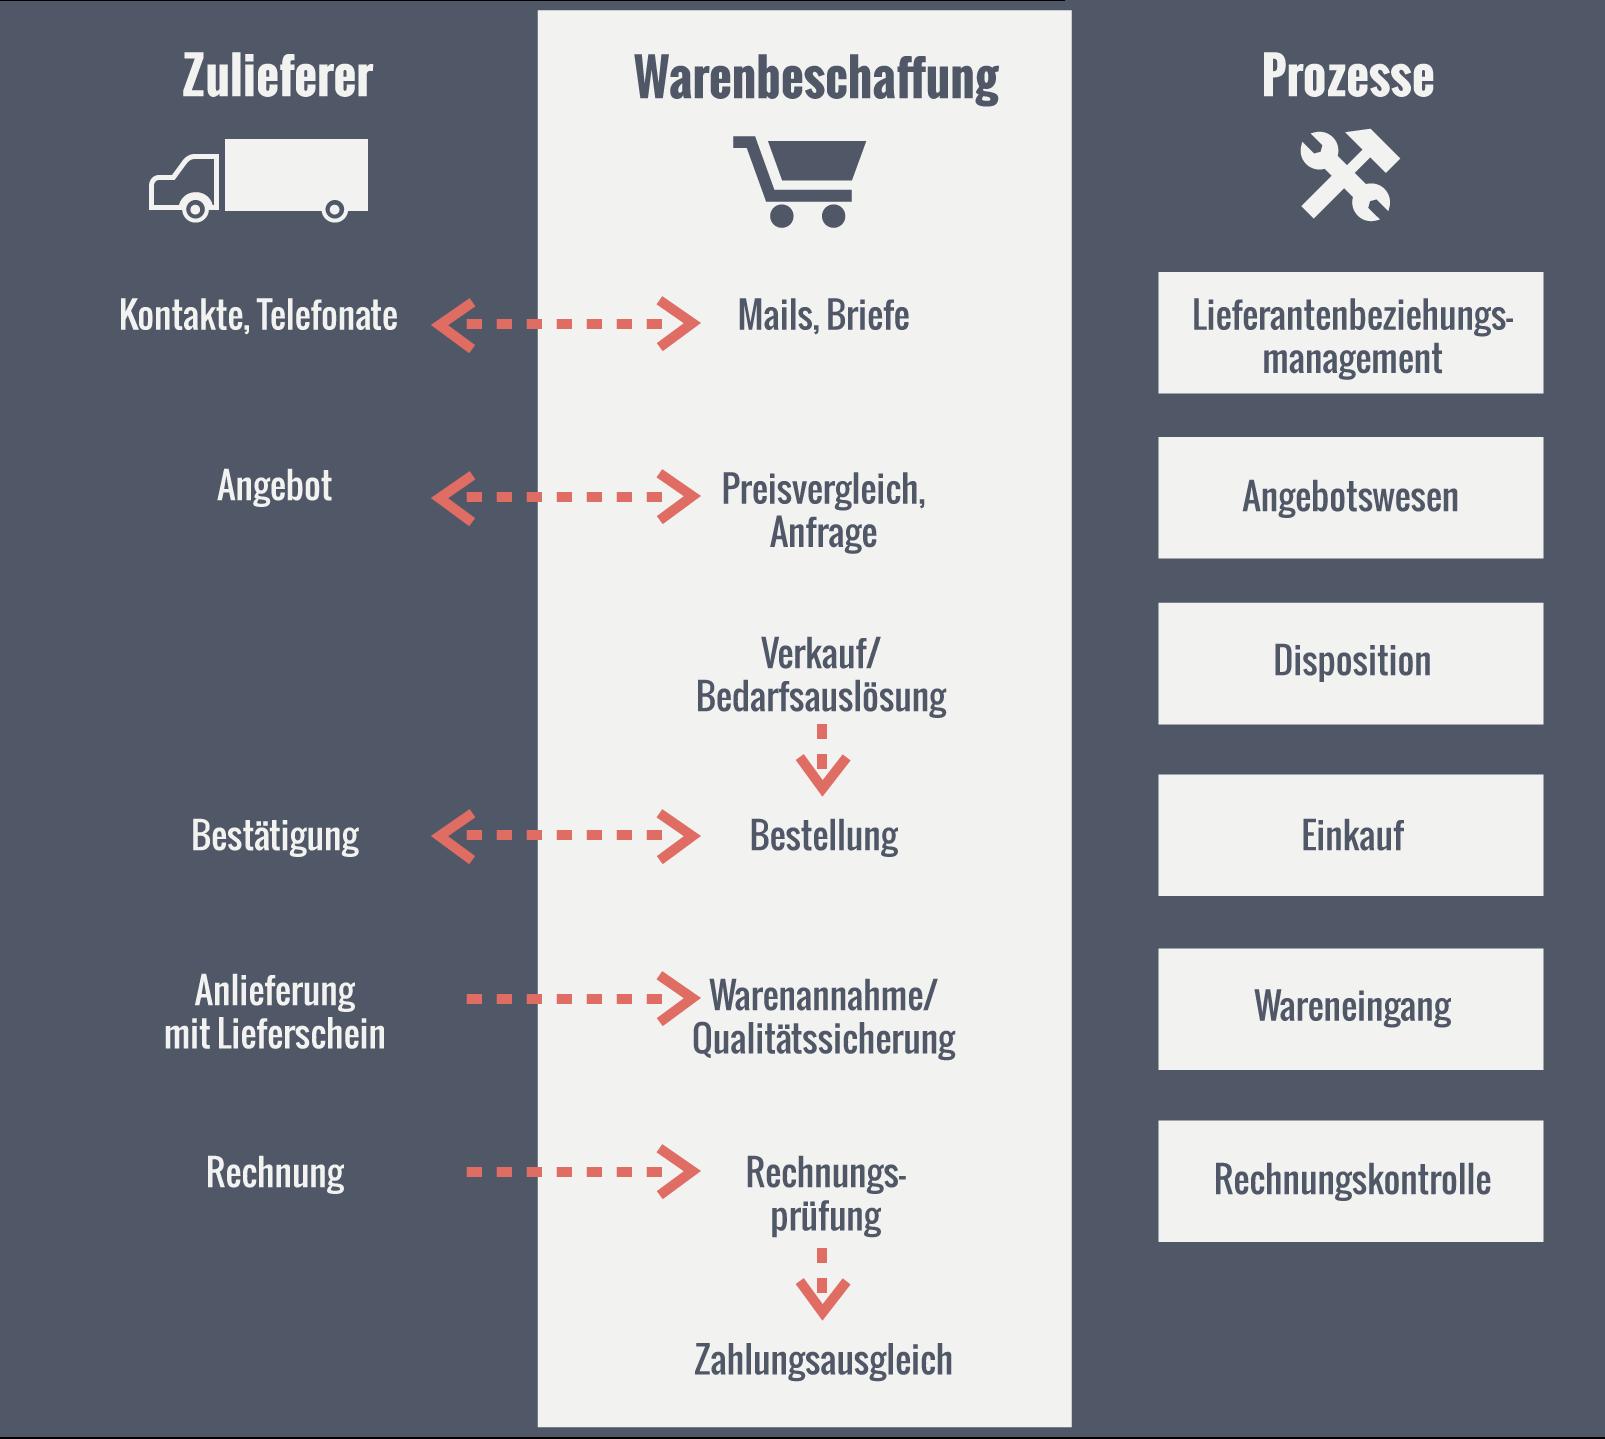 Warenwirtschaftssystem - Definition, Aufgaben, Funktionen